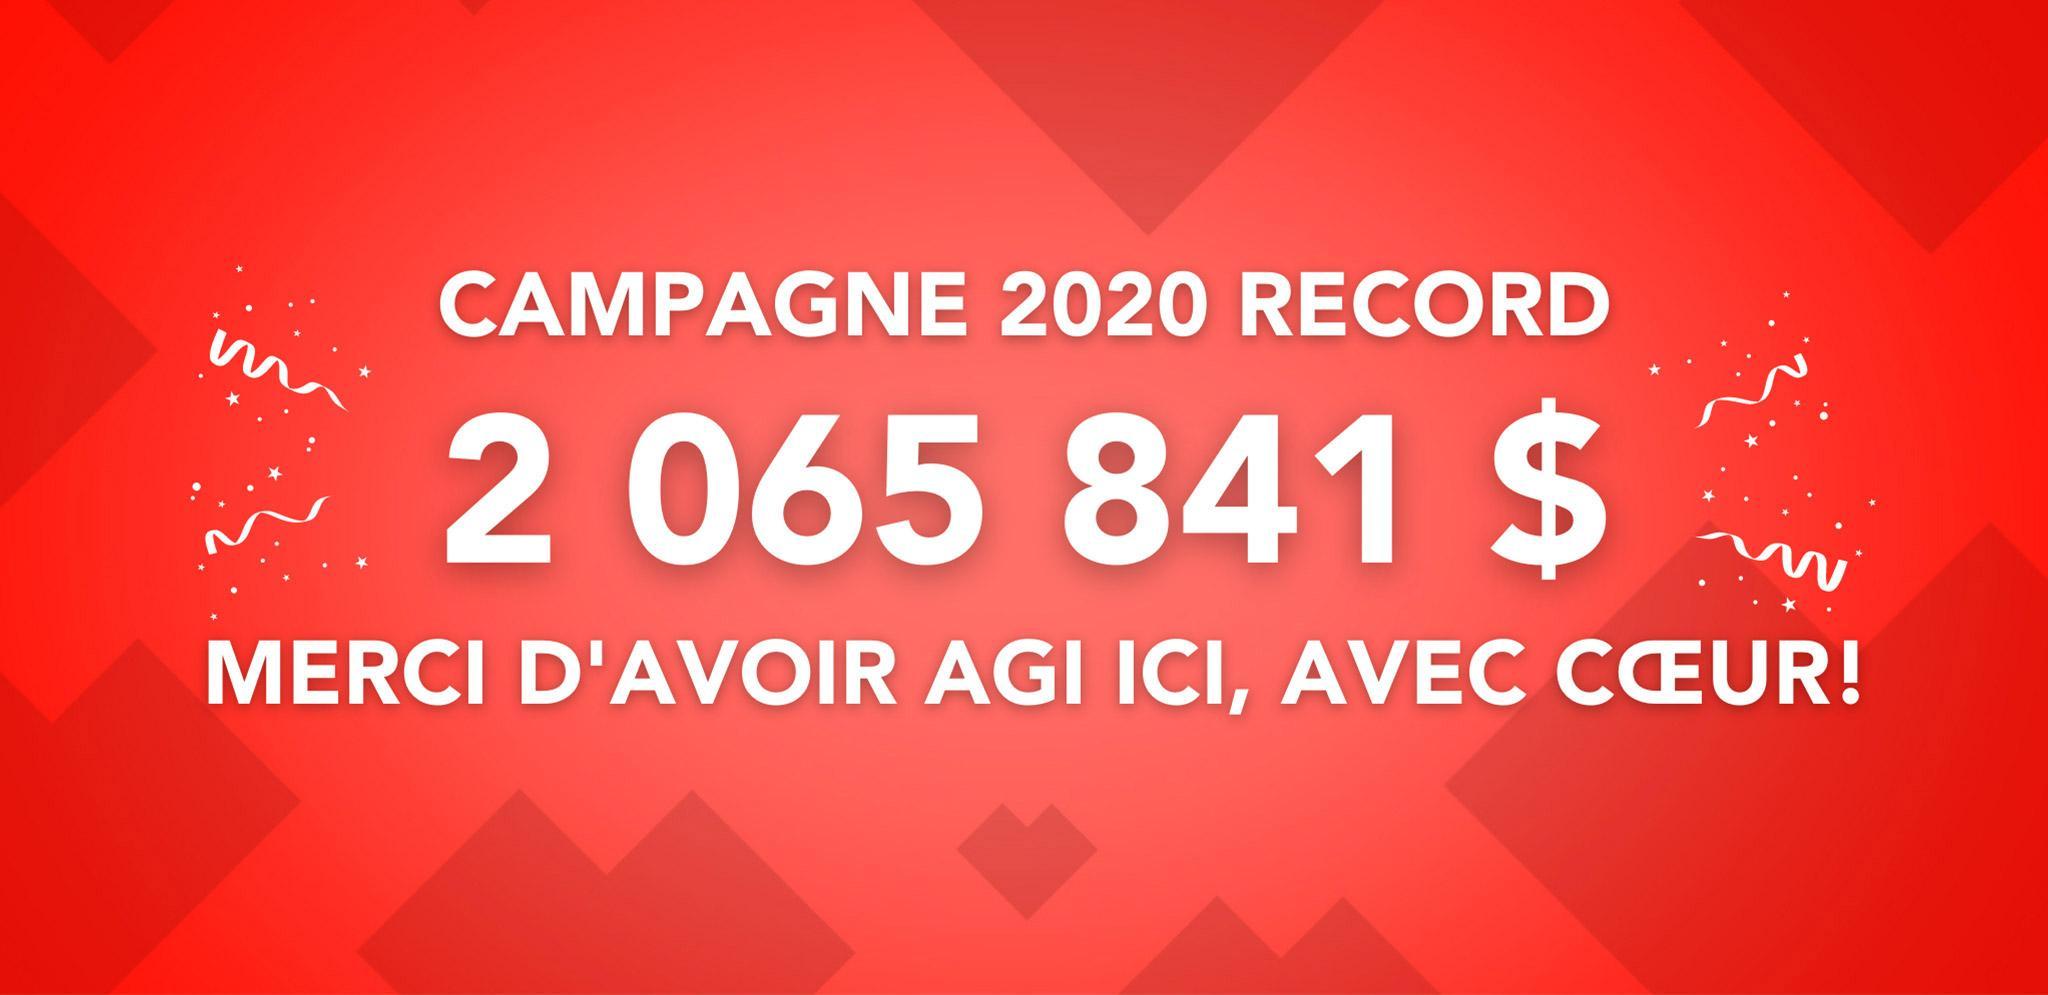 Campagne 2020 record